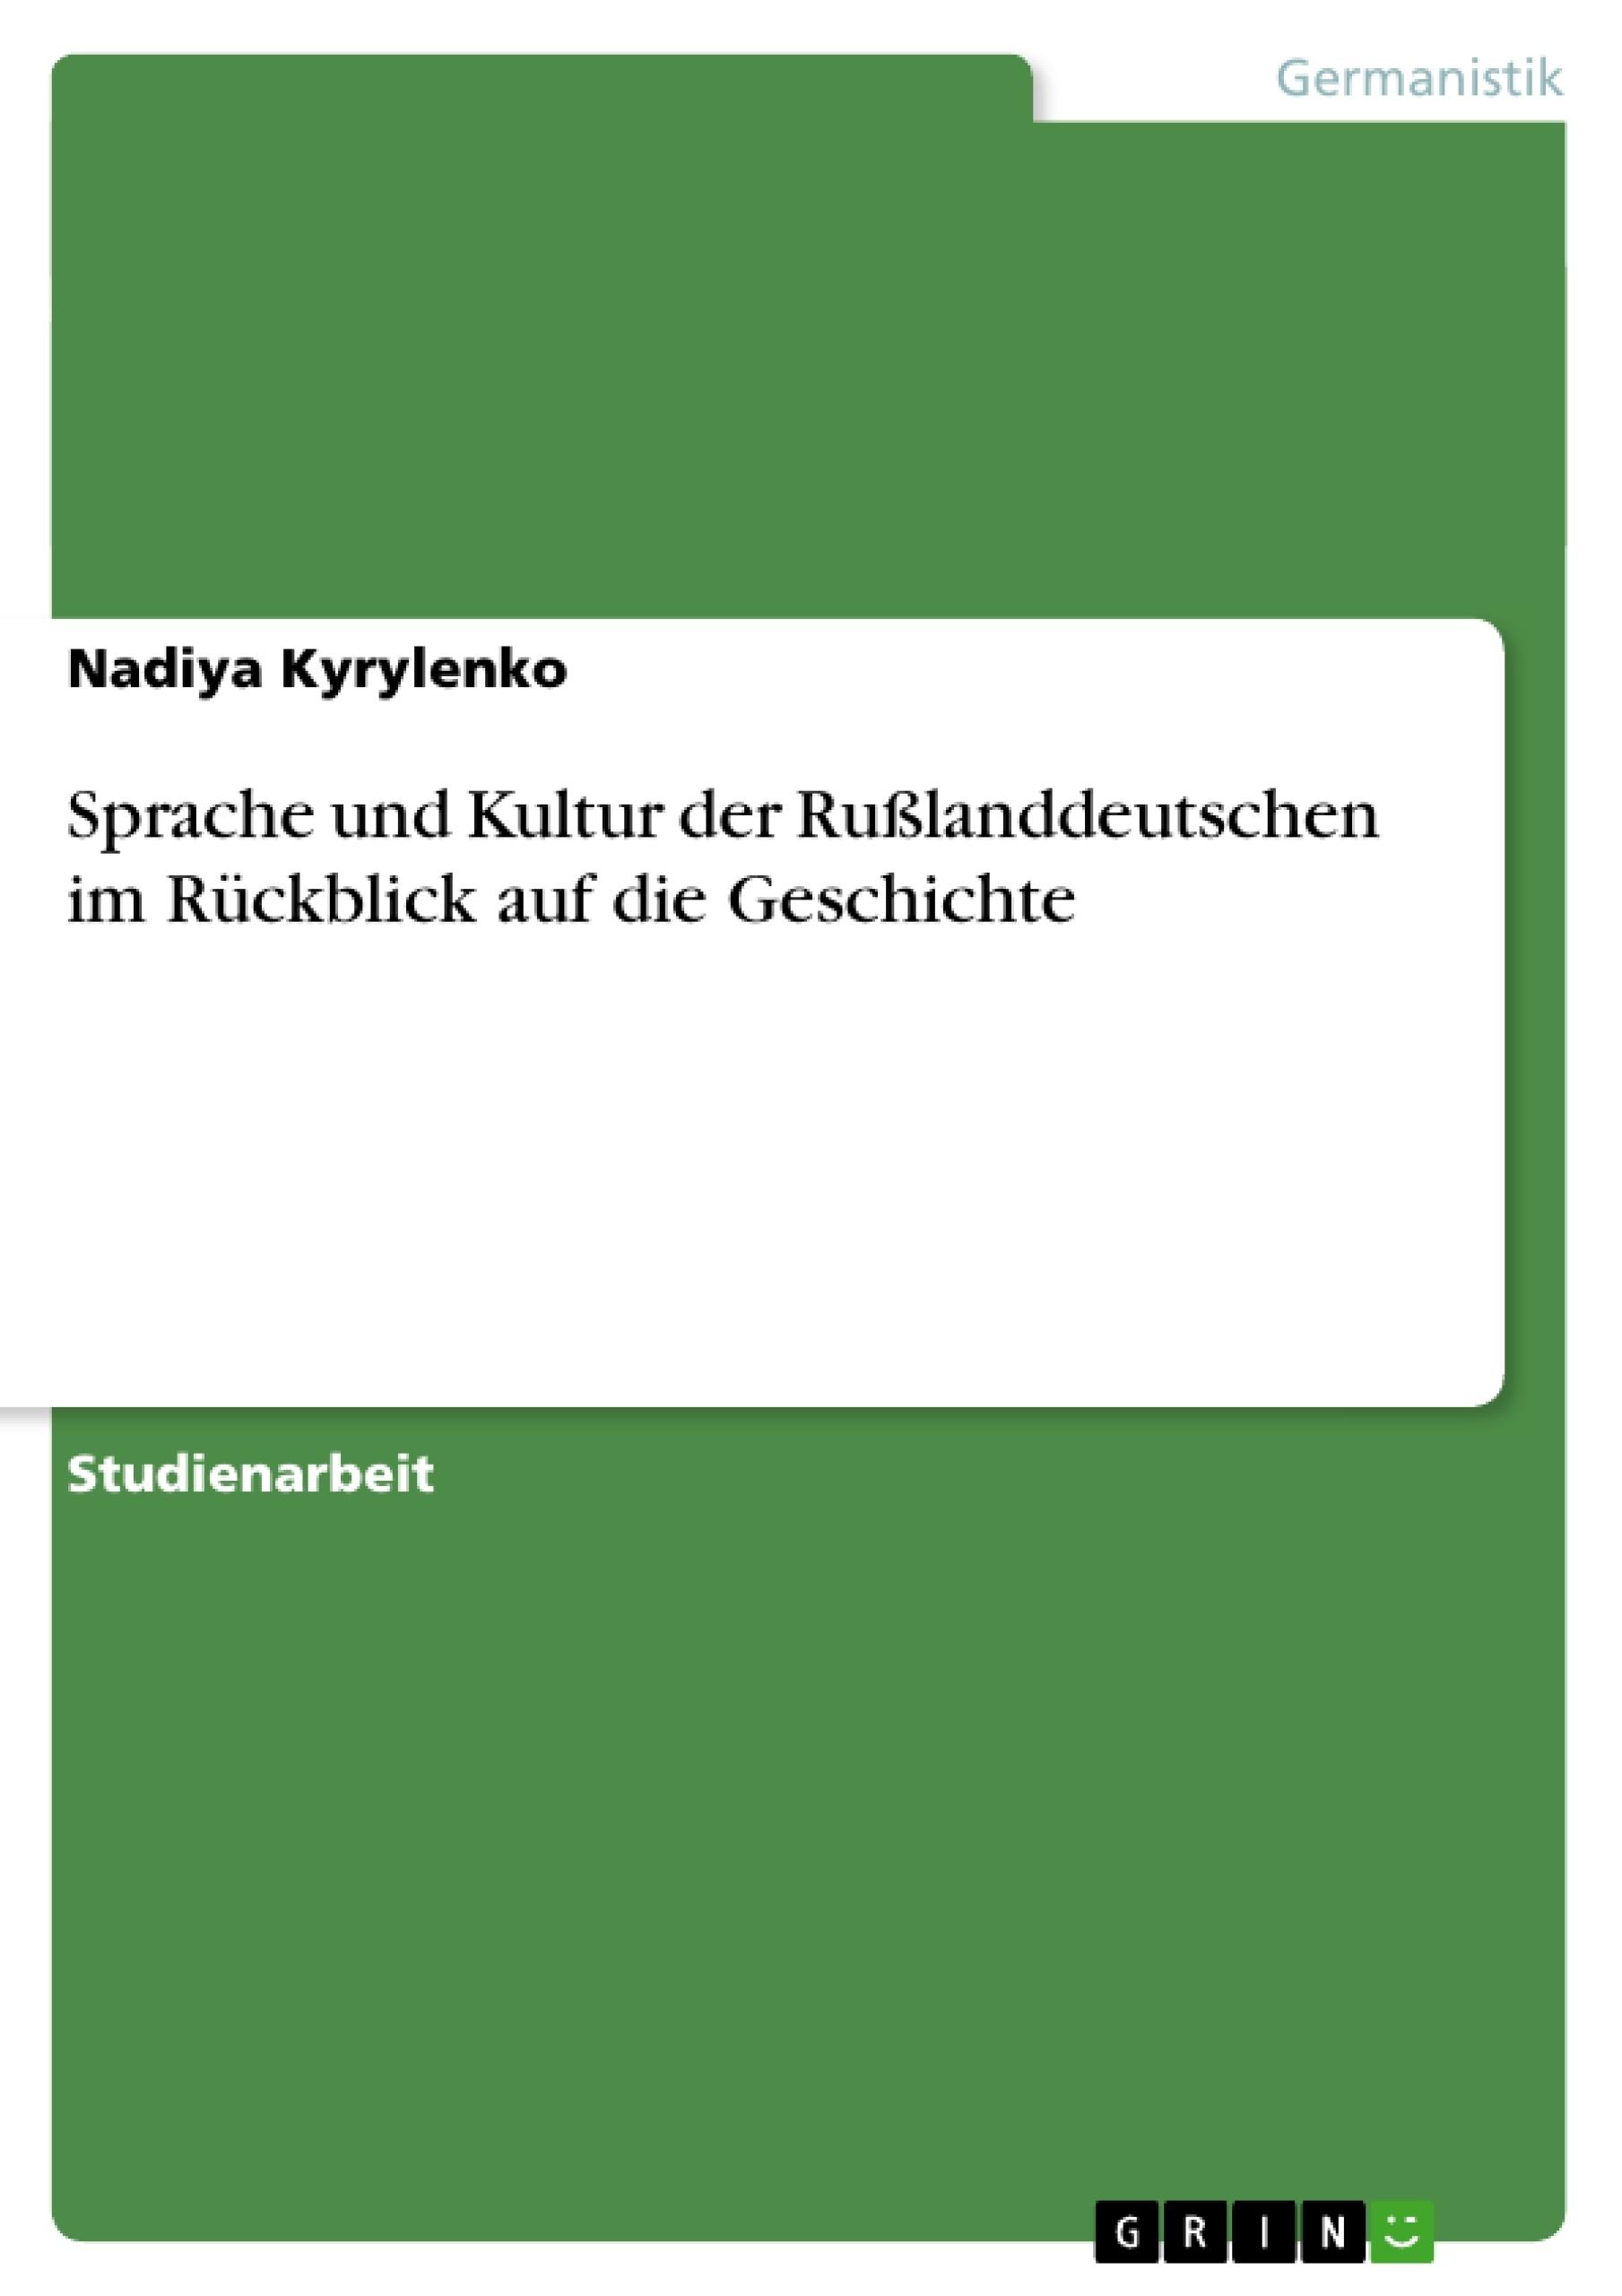 Titel: Sprache und Kultur der Rußlanddeutschen im Rückblick auf die Geschichte